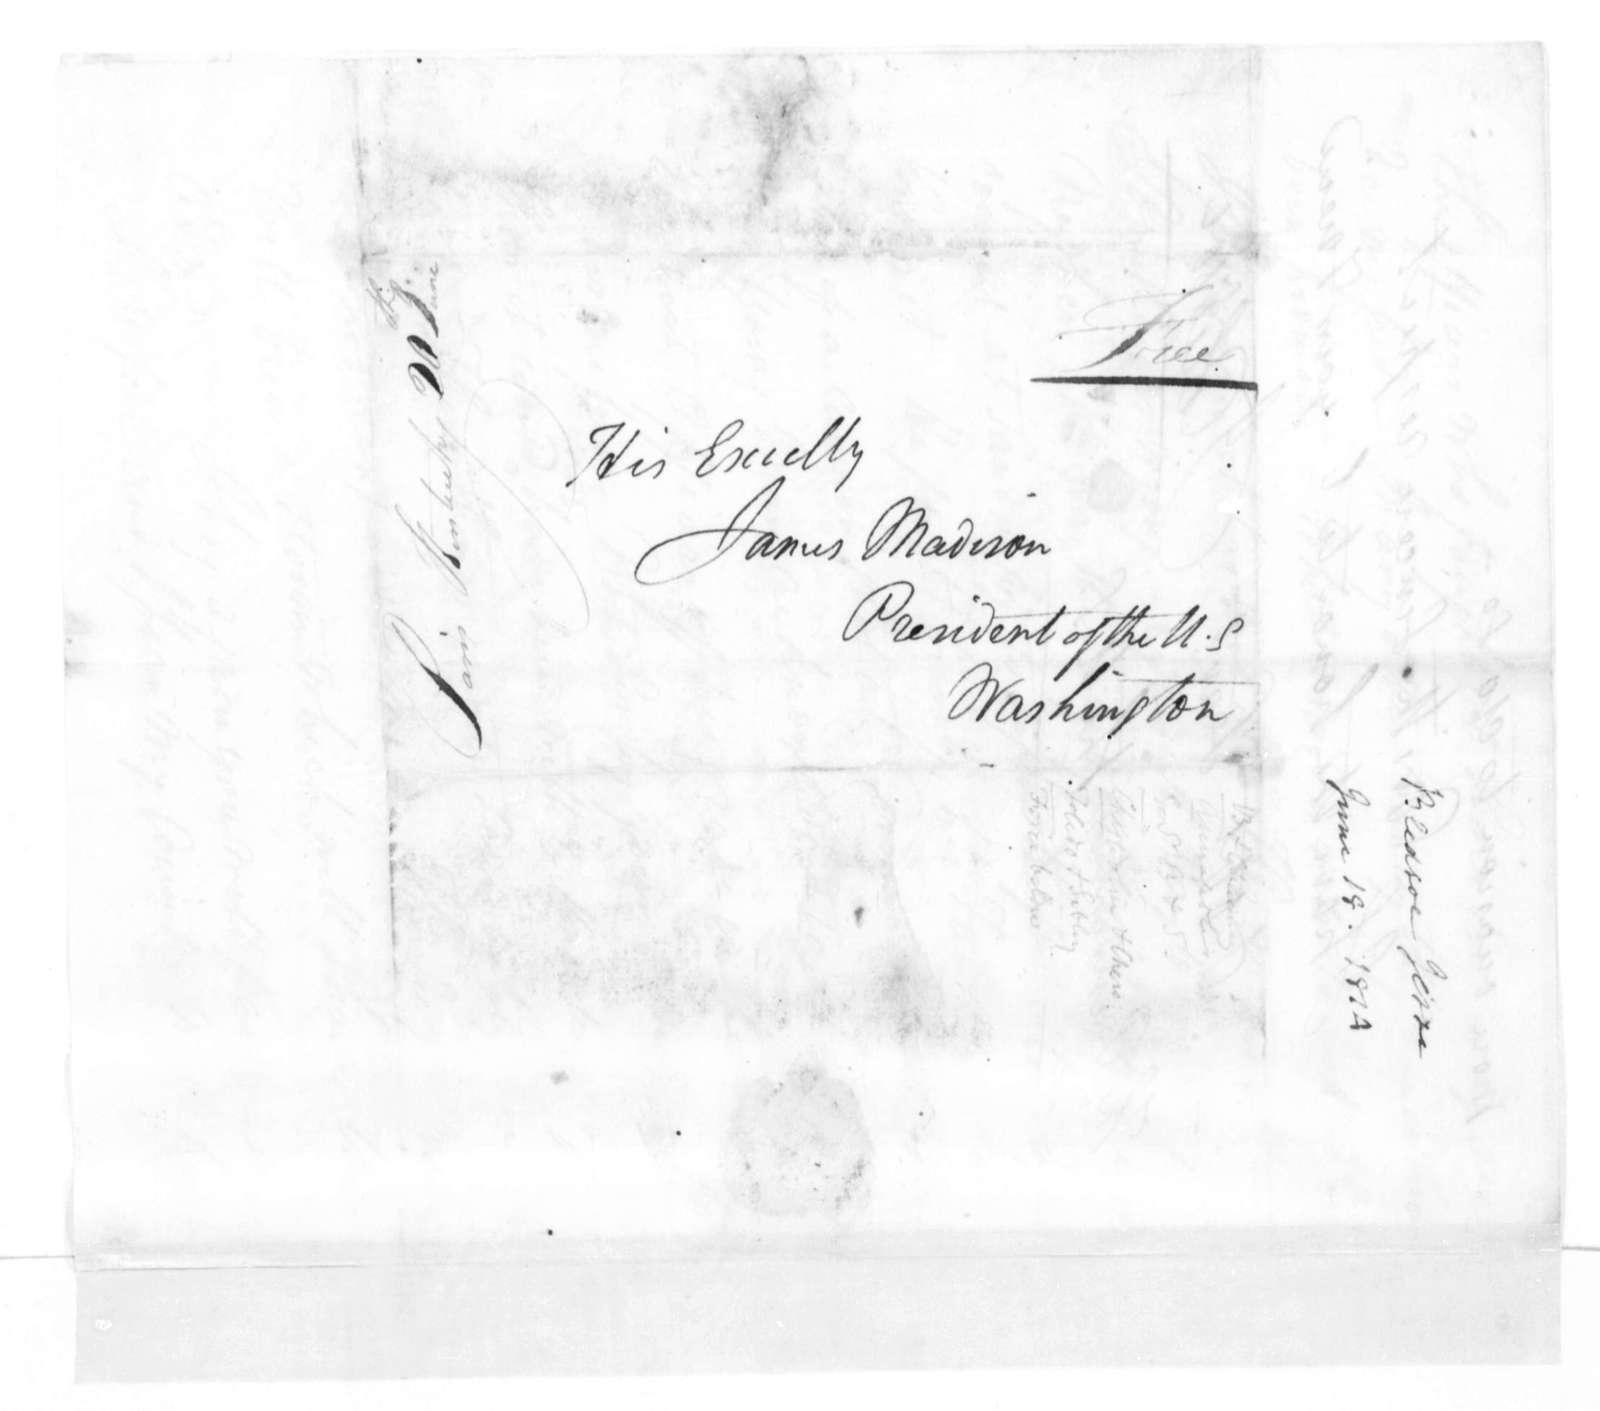 Jesse Bledsoe to James Madison, June 18, 1814.